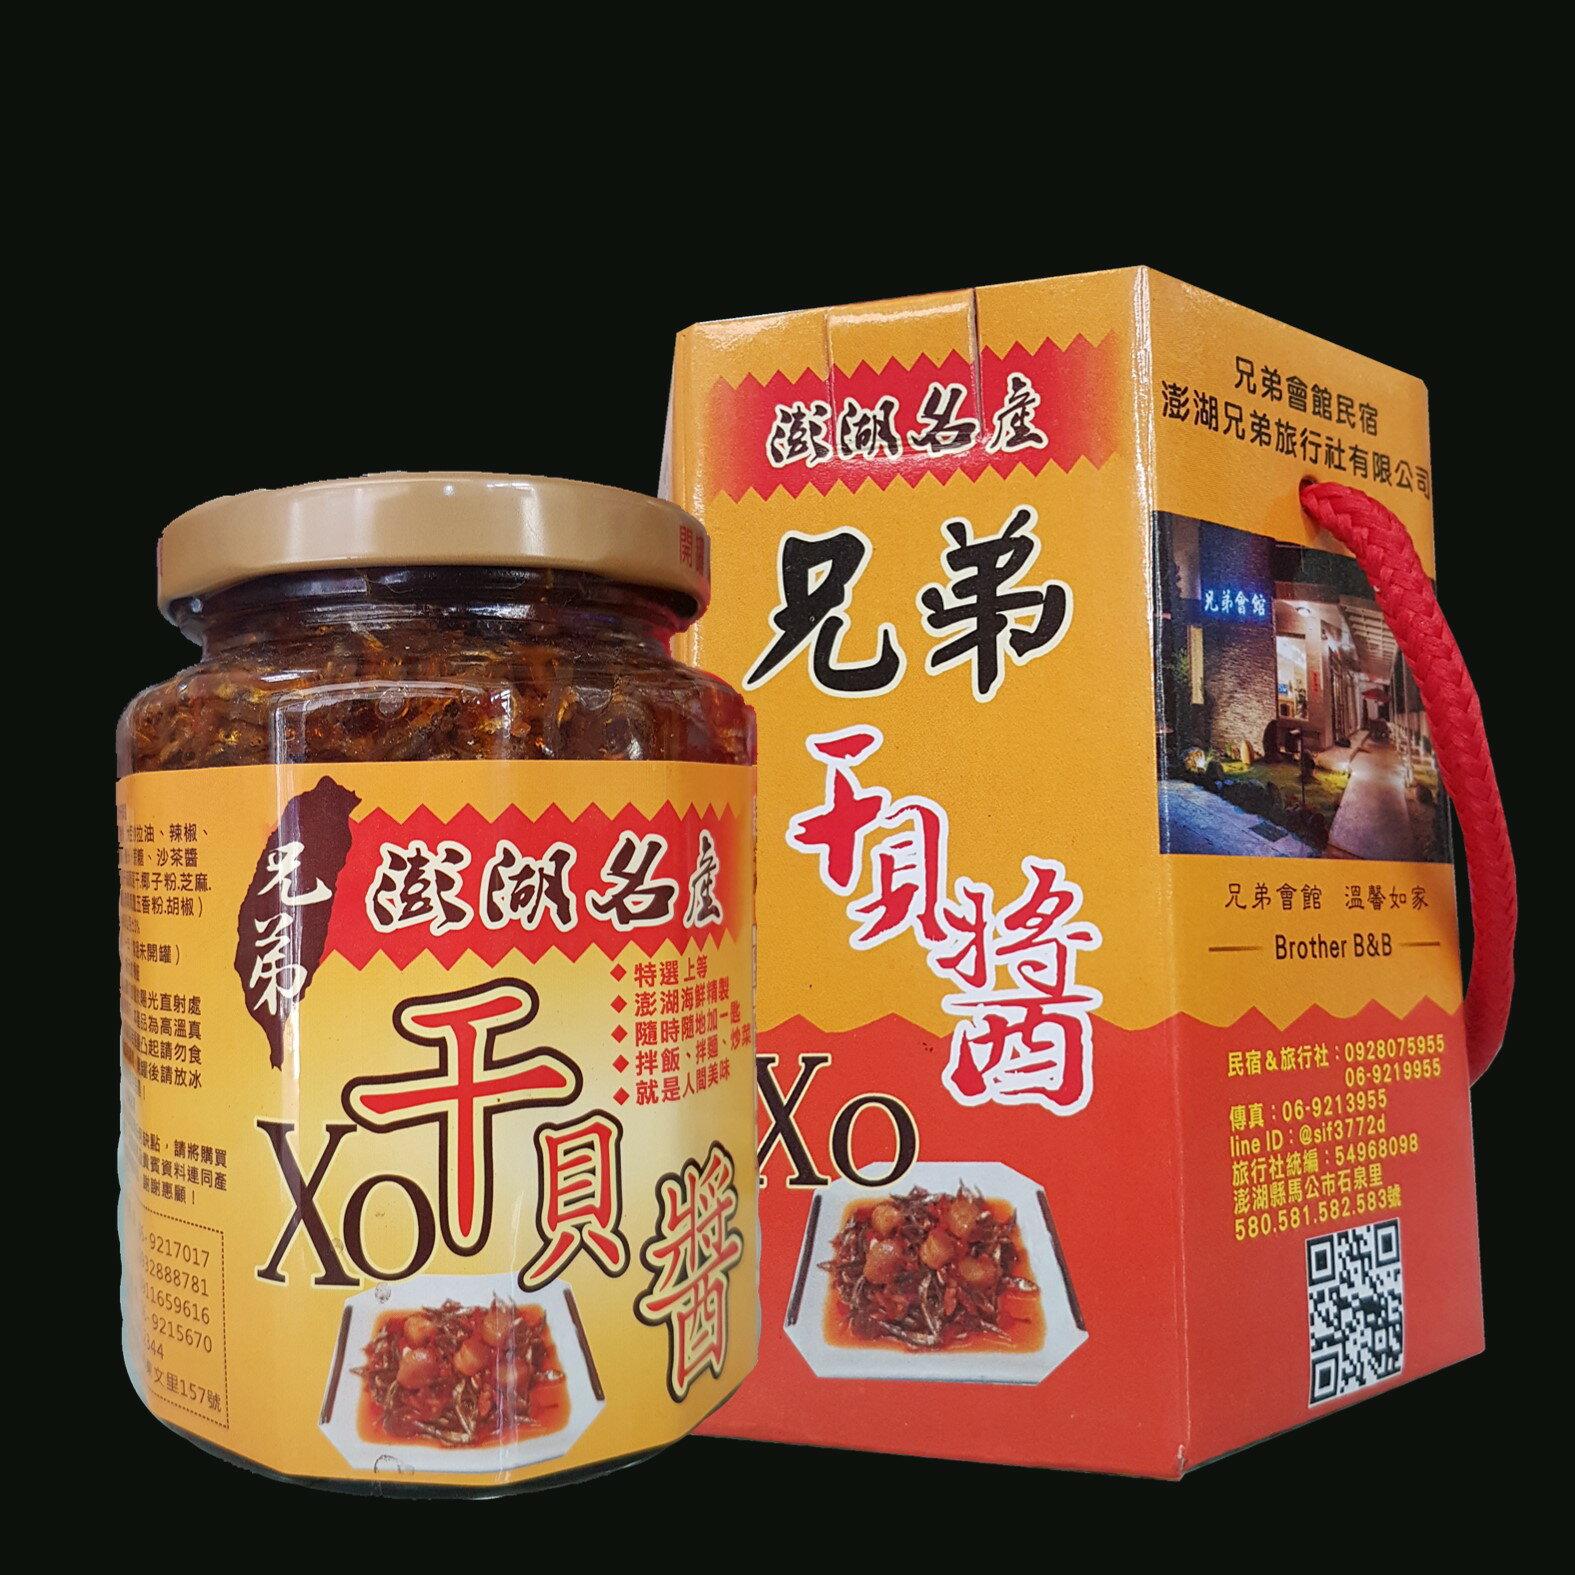 兄弟XO干貝醬【睿選好味】澎湖名產 450g/罐